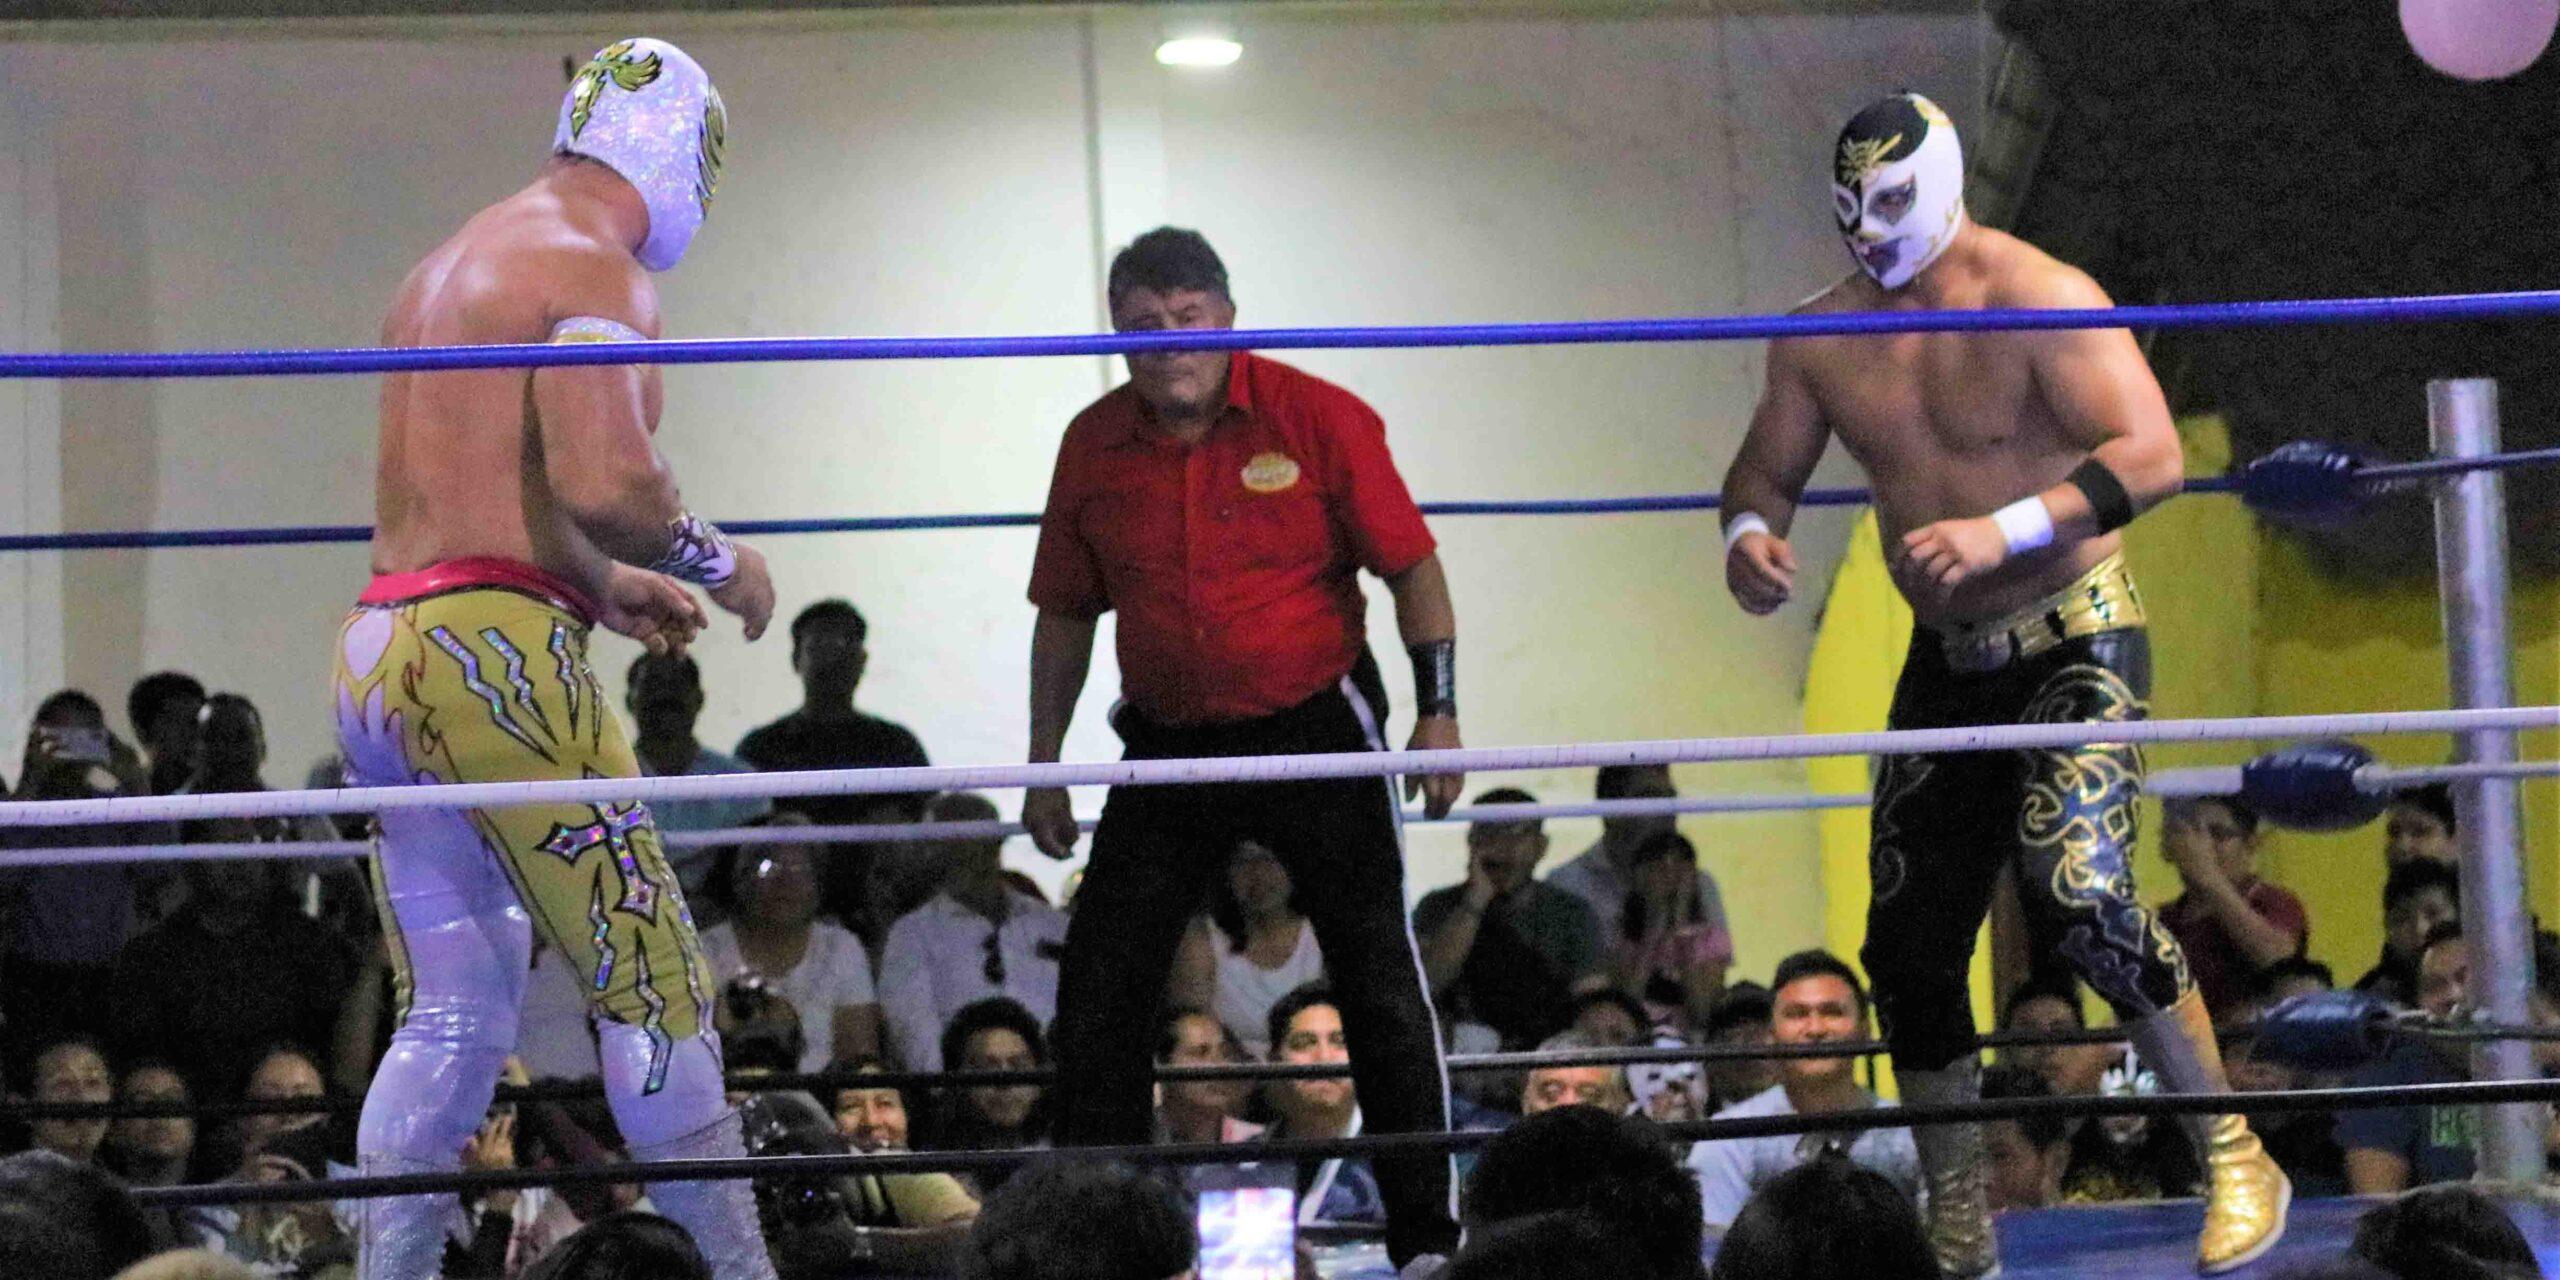 Regresa el CMLL a Oaxaca de Juárez | El Imparcial de Oaxaca